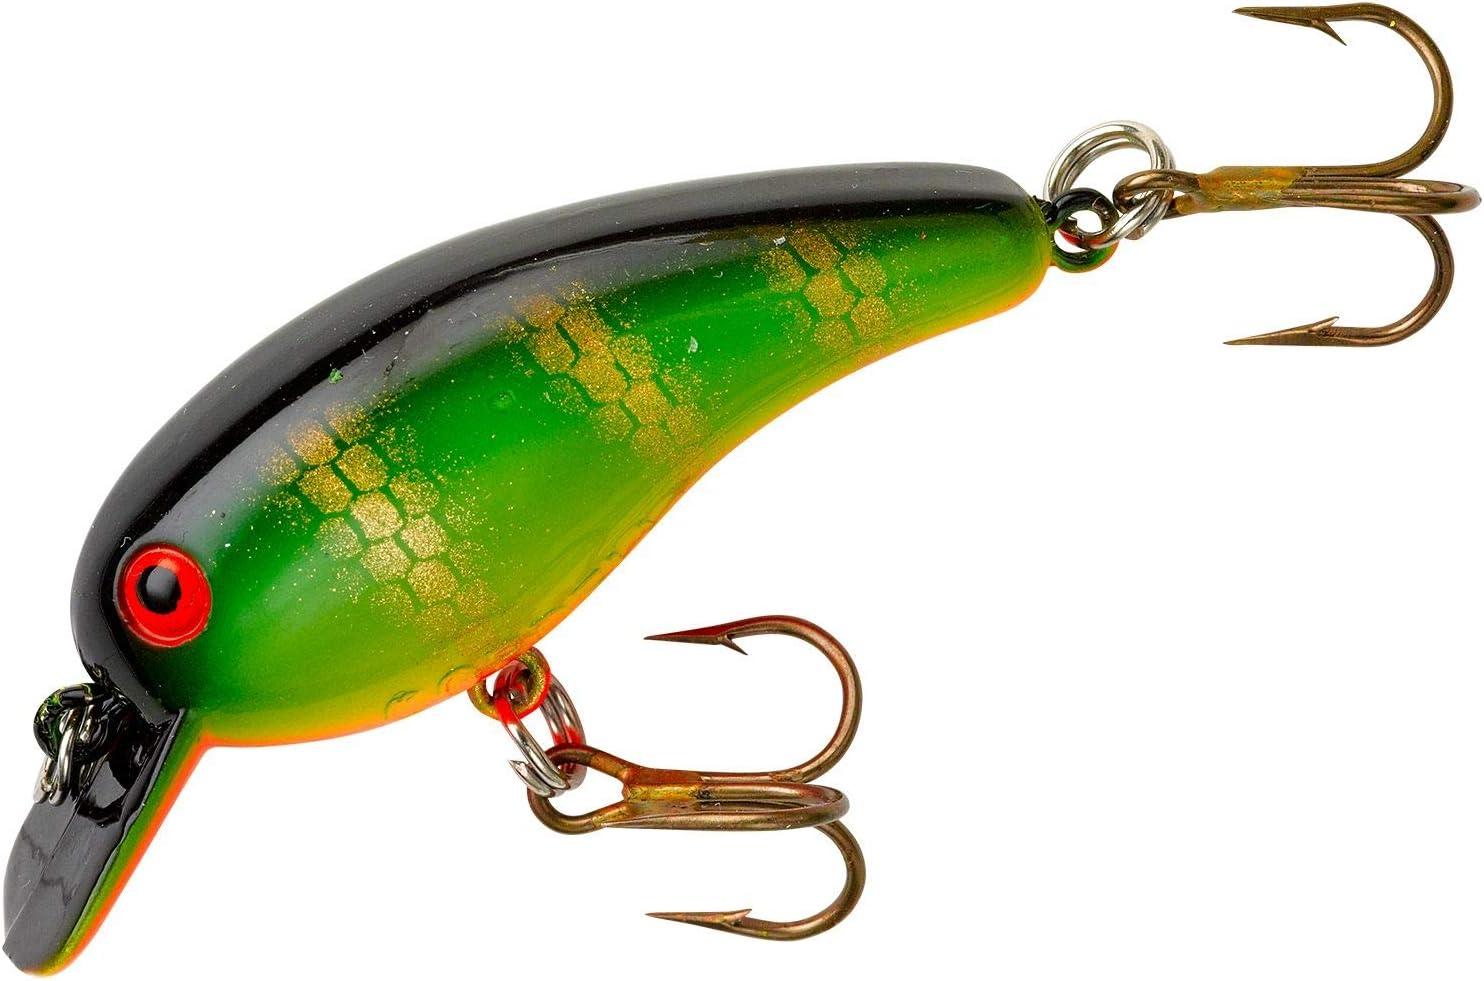 Cotton Cordell Big O Square-Lip Crankbait Fishing Lure